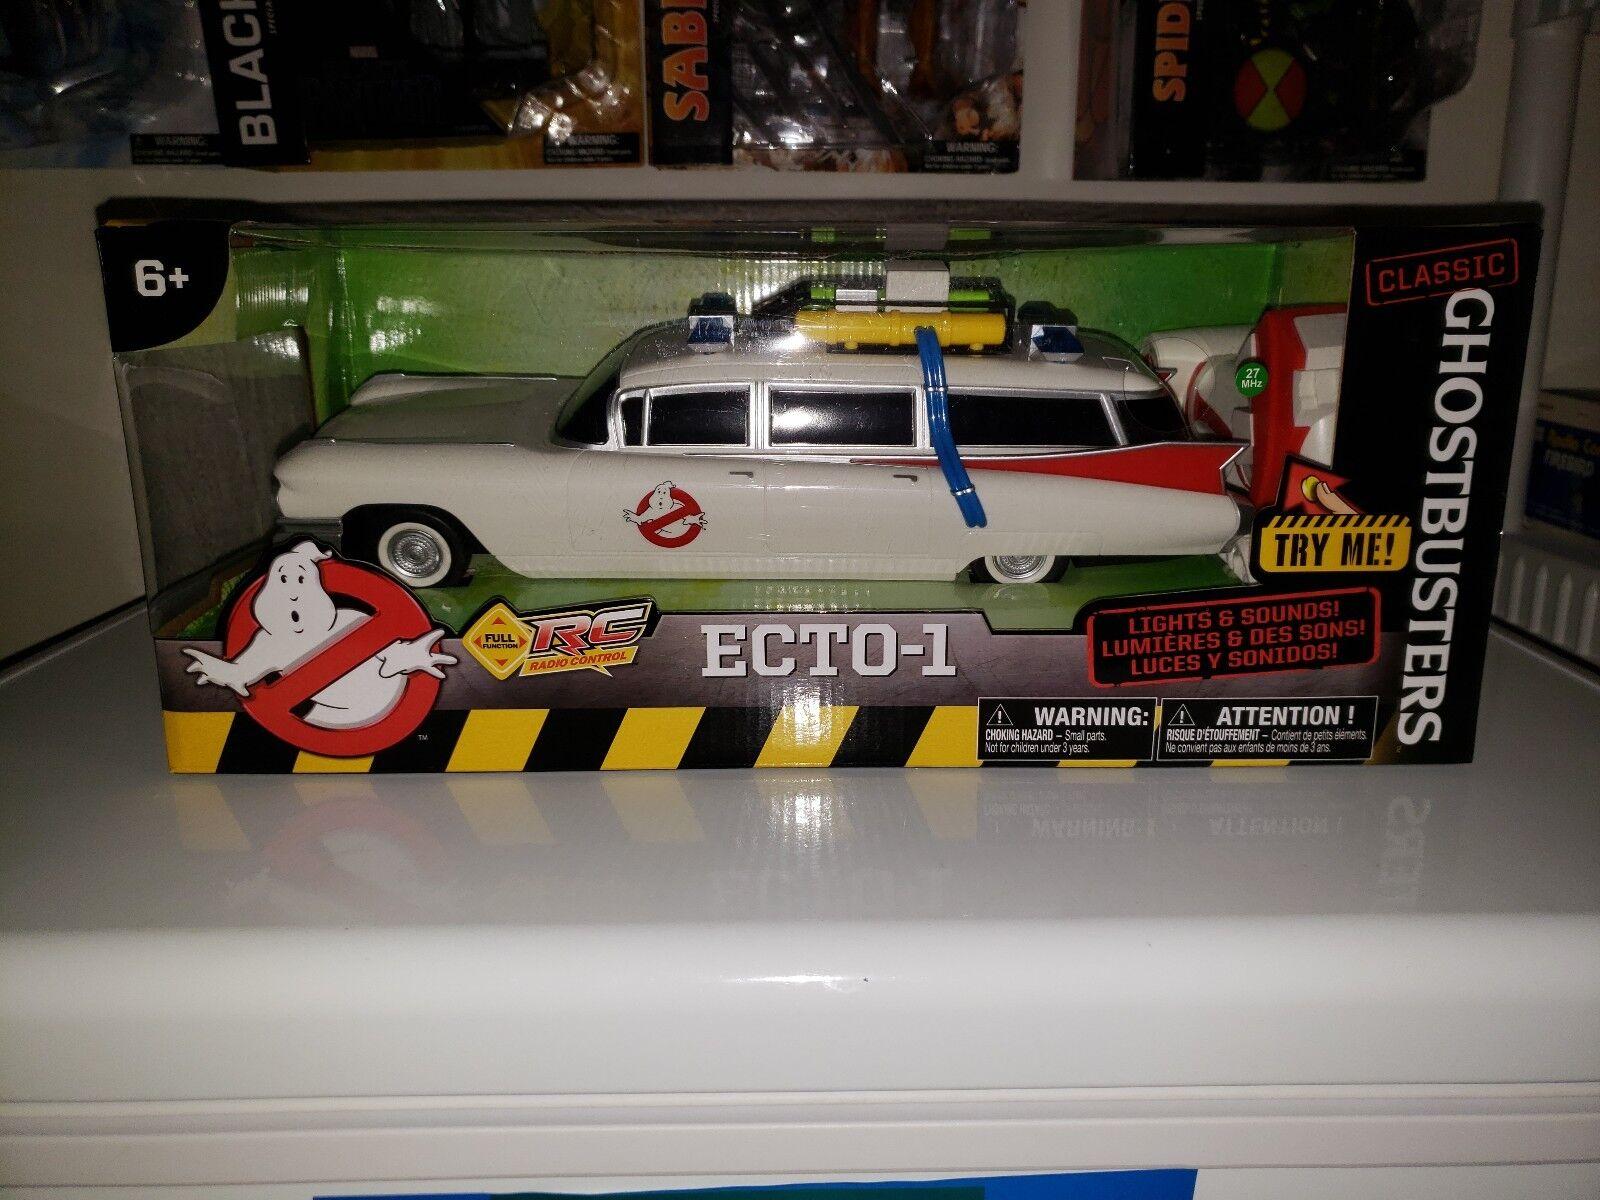 Vehículo Ghostbusters Ecto - 1 Clásico función completa radio control Empuñadura vehículo 14